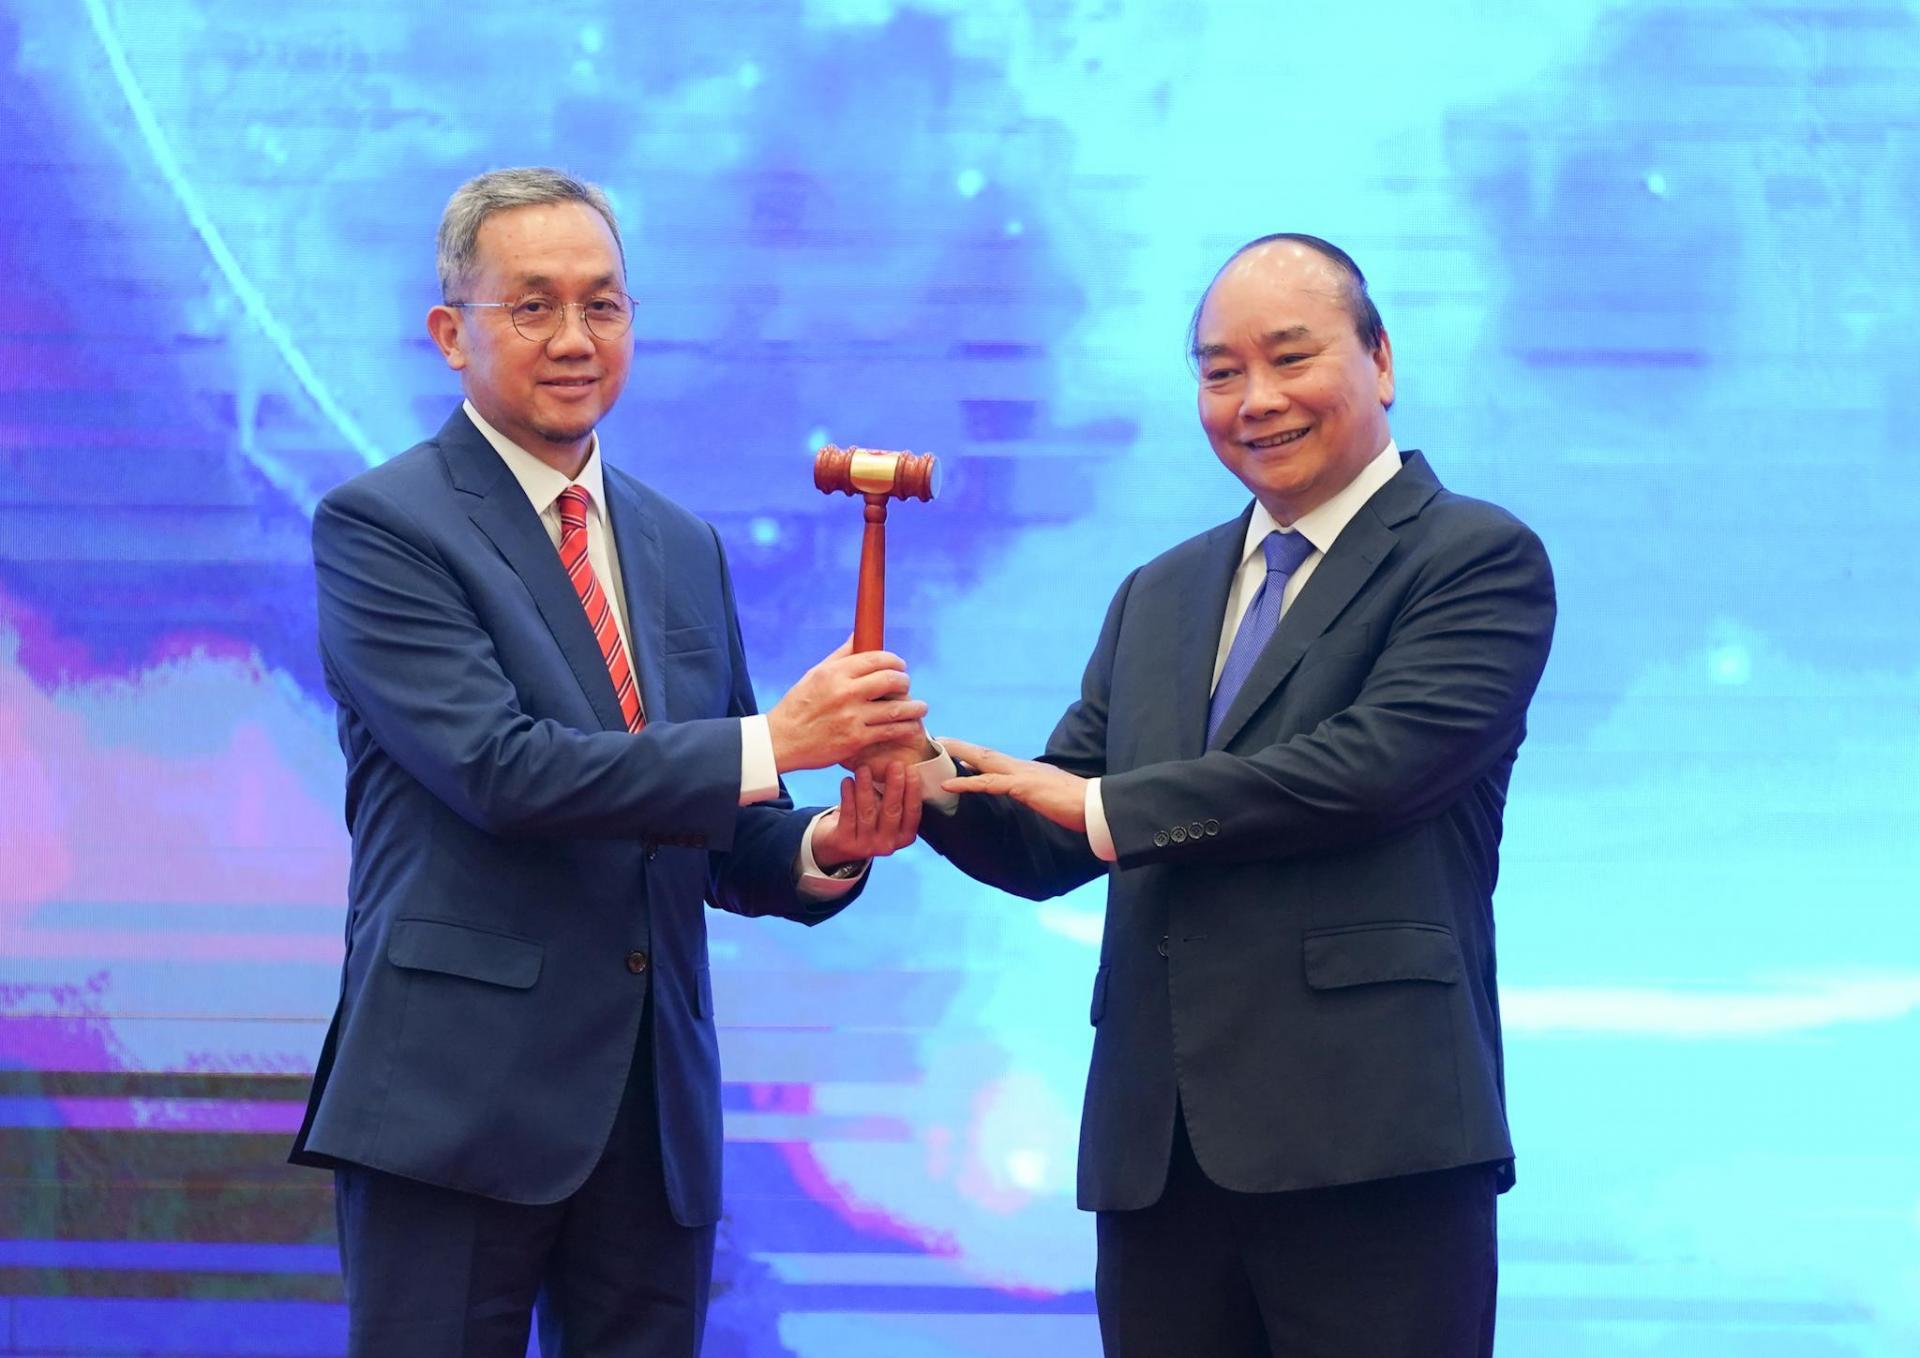 Lễ chuyển giao vai trò Chủ tịch ASEAN cho Brunei.